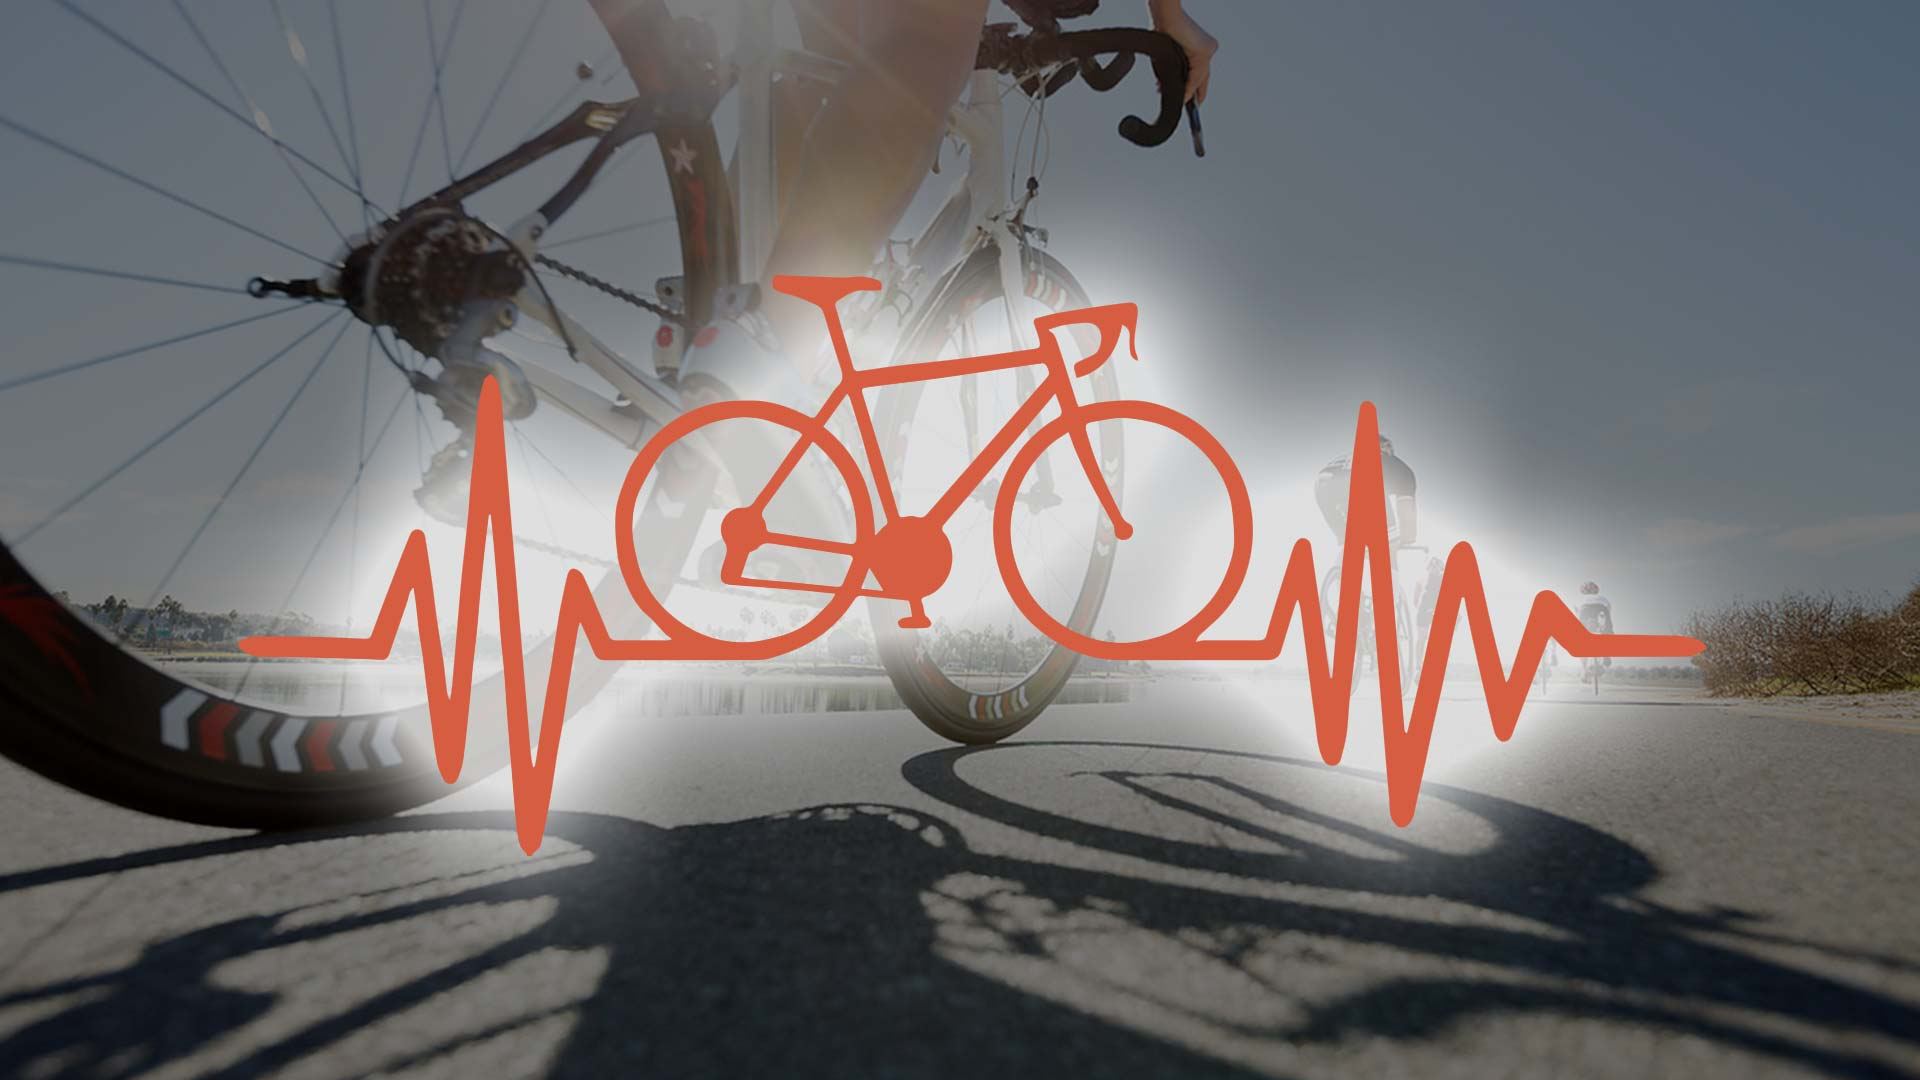 cobbles wielrennen training hartslag